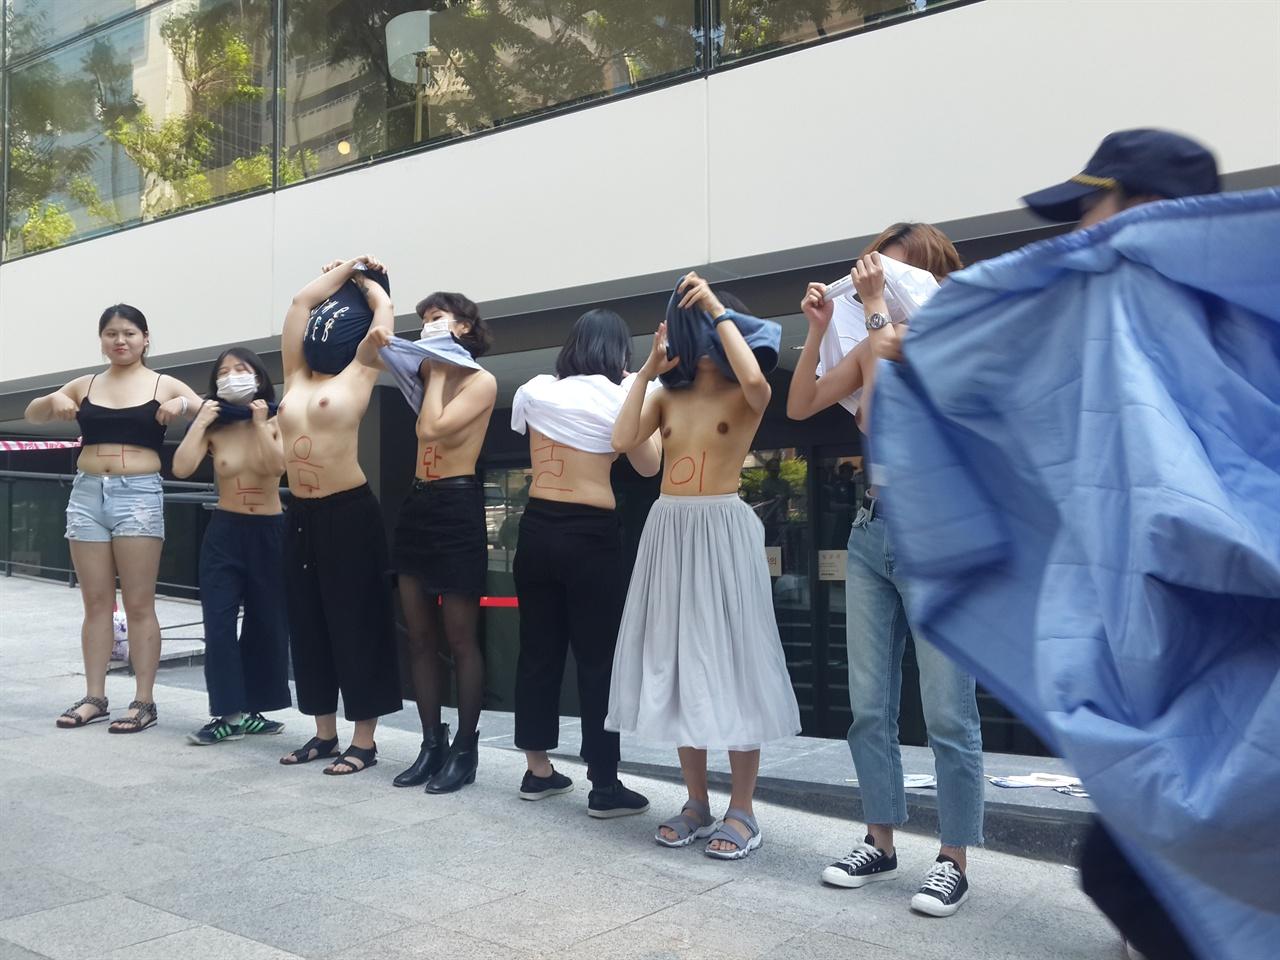 페이스북 사옥 앞에서 상의를 탈의하는 불꽃페미액션 회원들과 이를 급하게 제지하기 위해 이불로 가리러 달려오는 경찰들